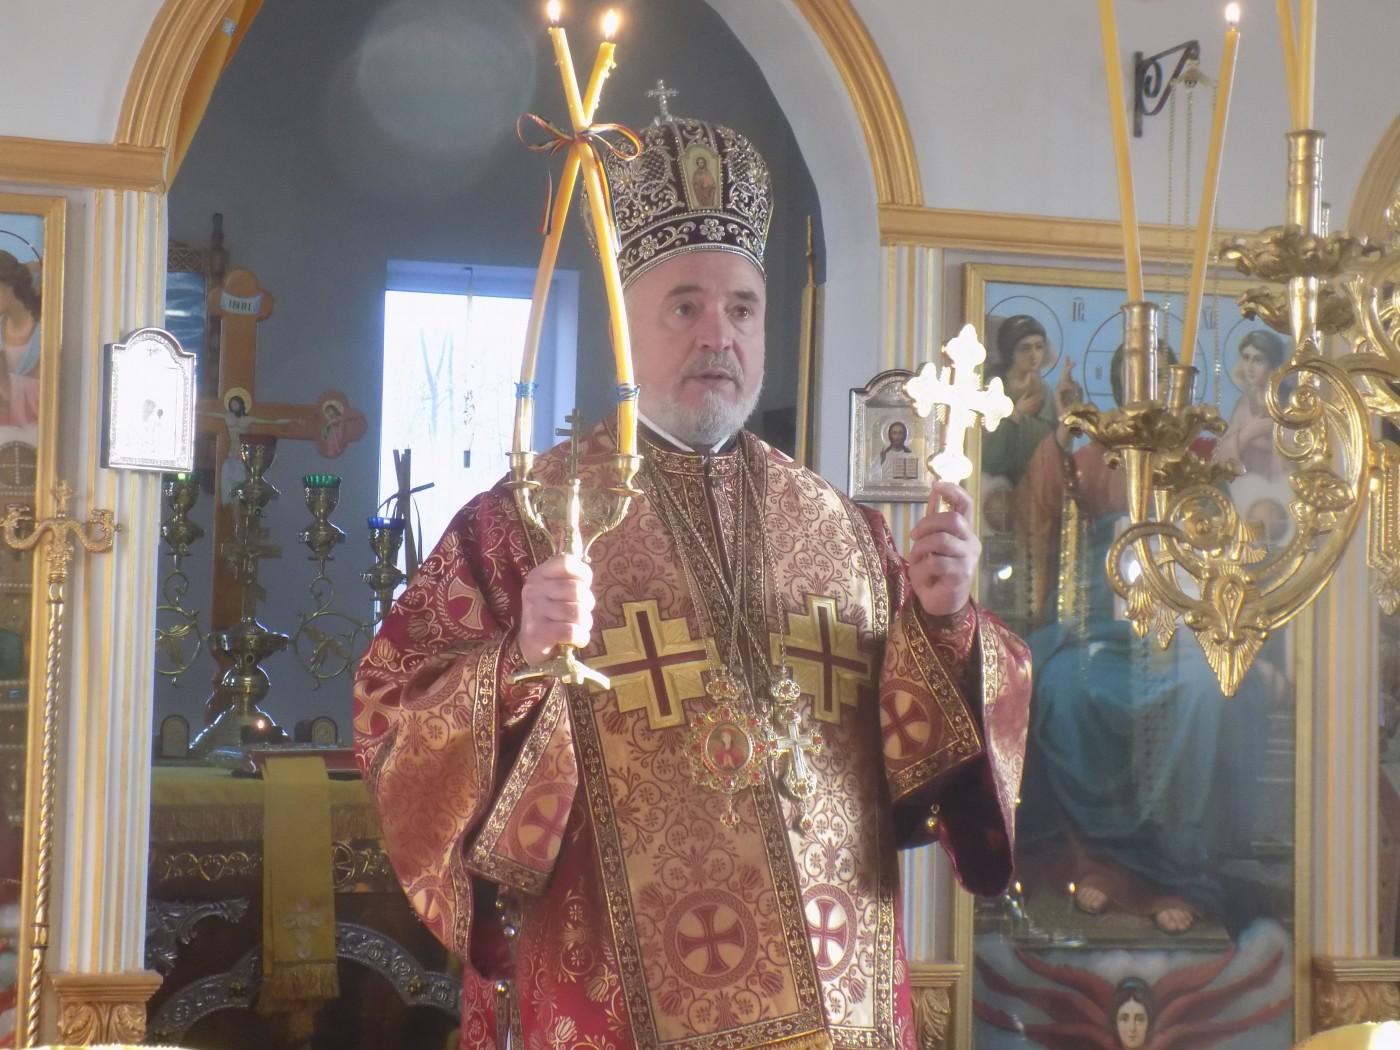 Єпископ Фалештський і Східно-Молдовський Філарет прокоментував рішення про повернення до УПЦ Київського Патріархату